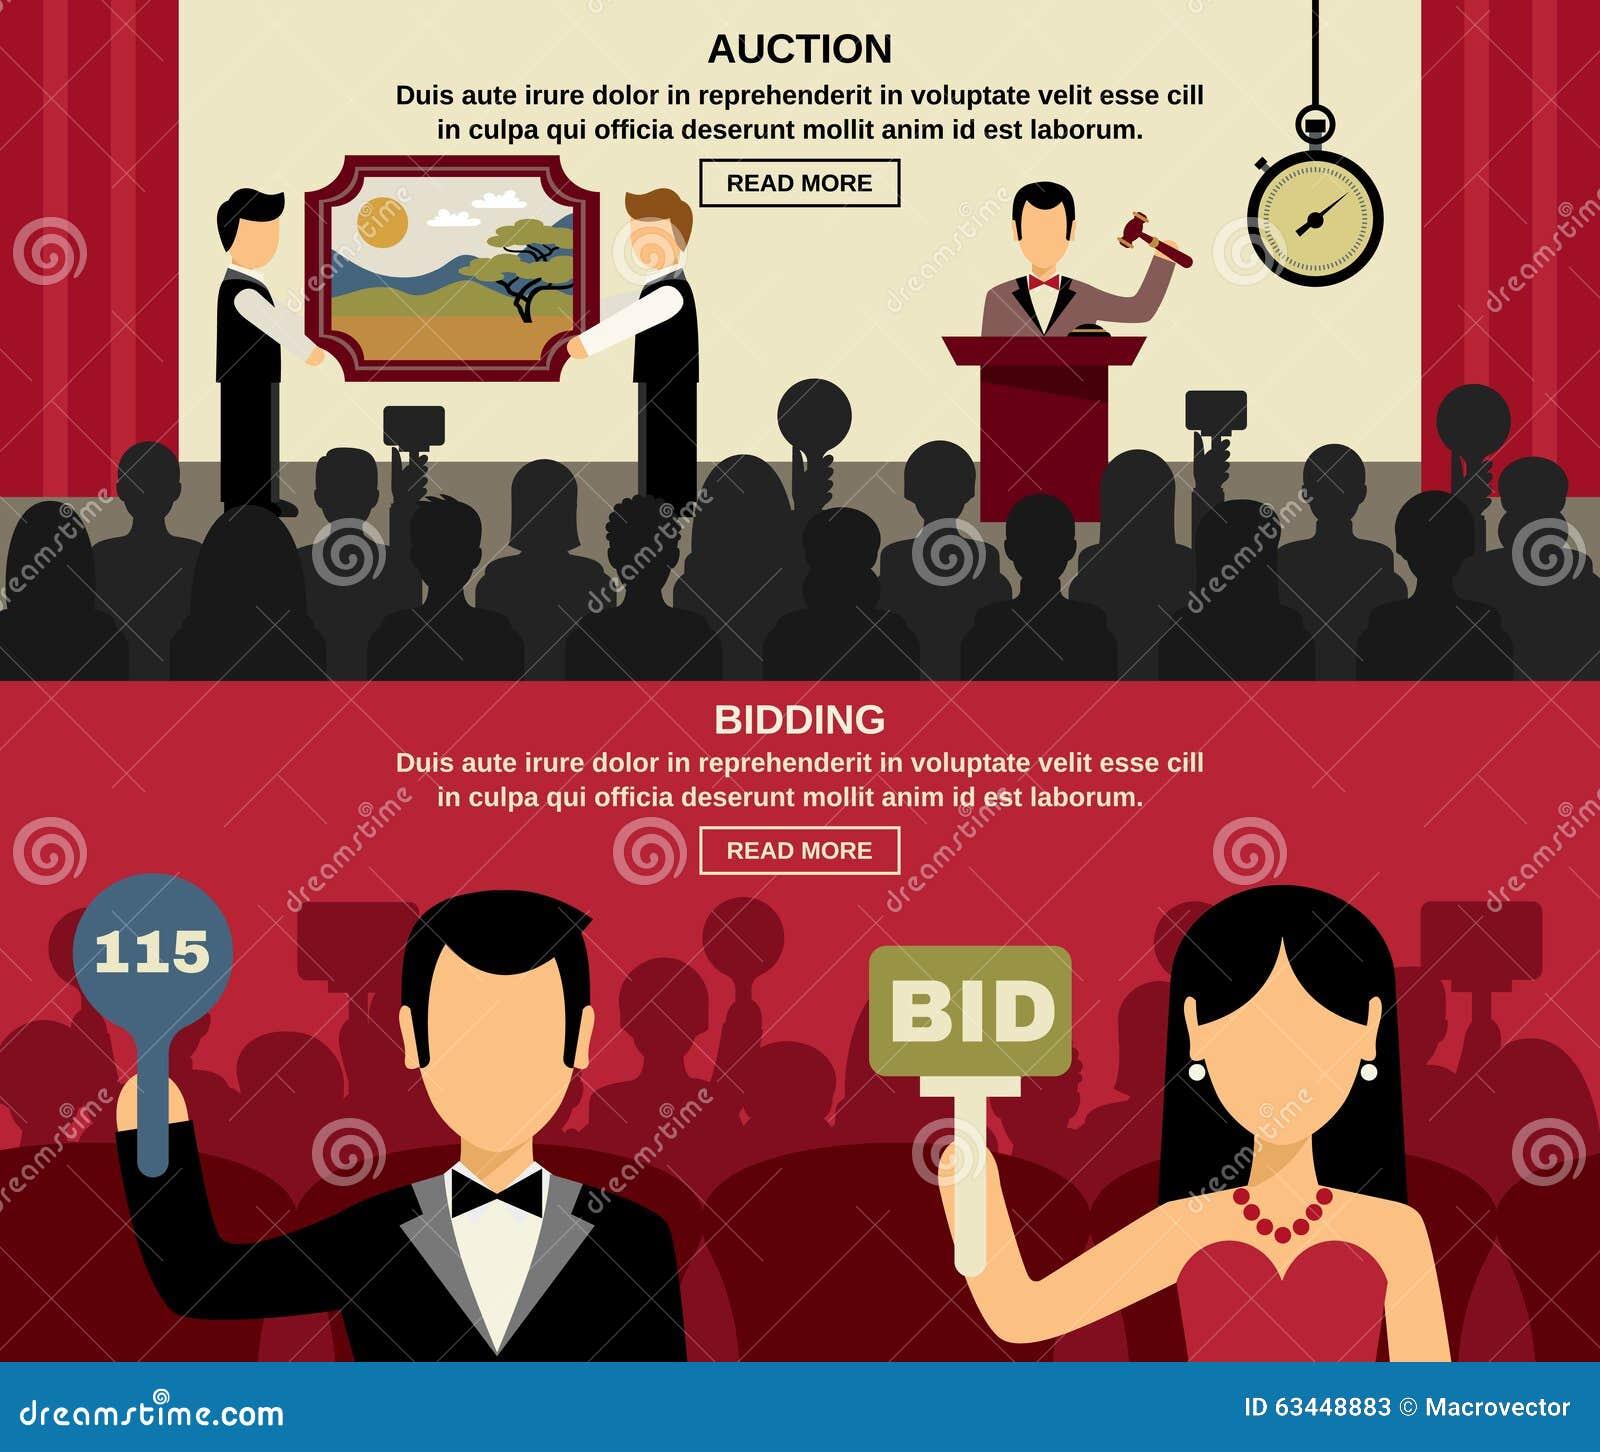 Auktion och bjuda baneruppsättningen